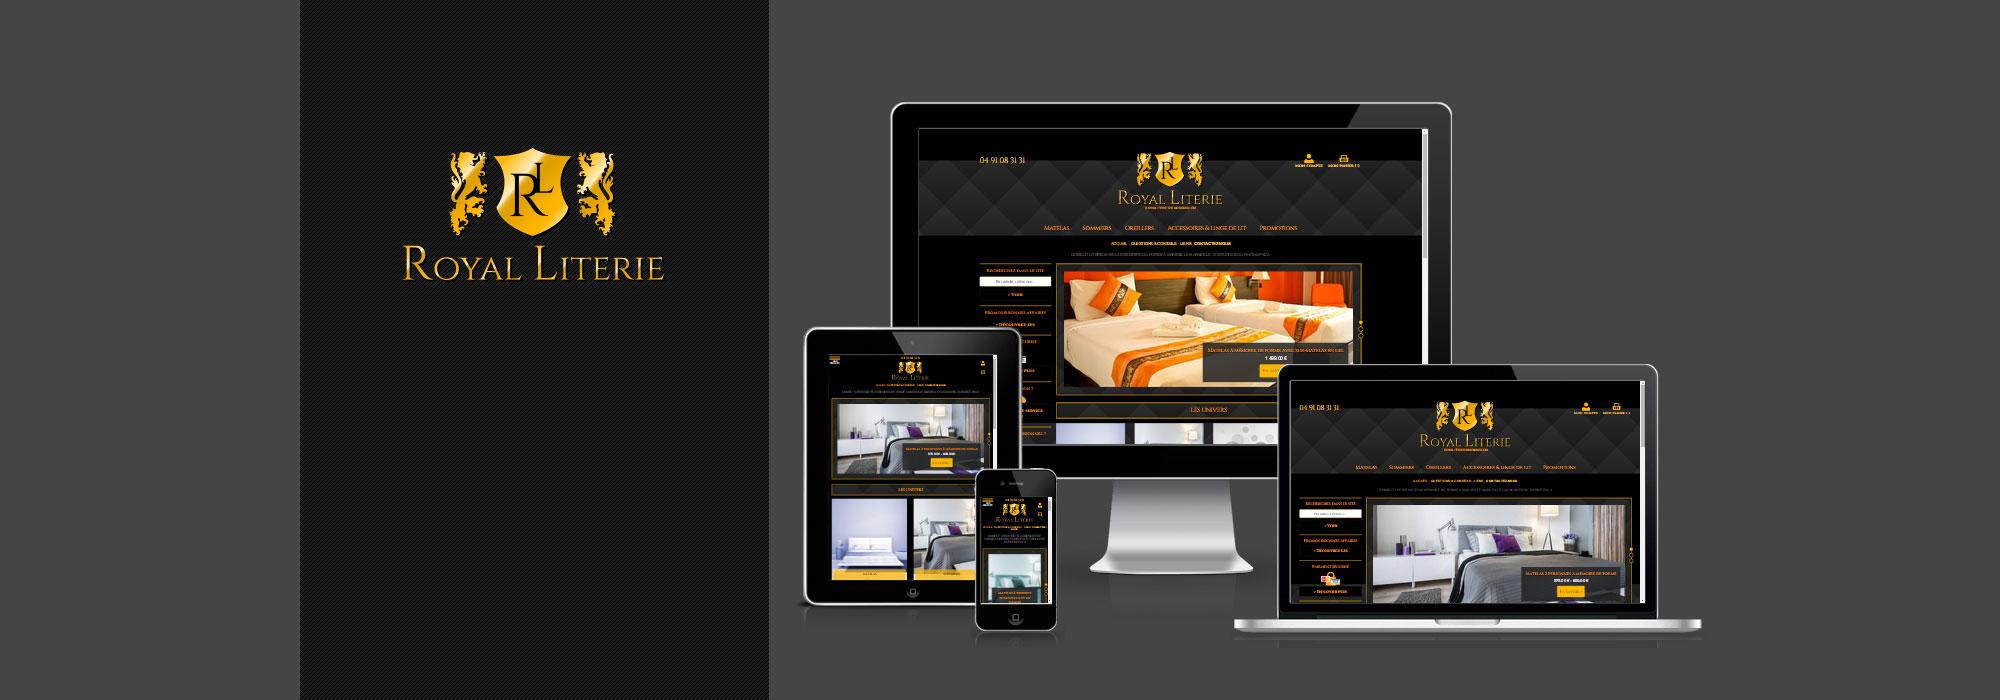 magasin de literie en ligne royal literie r alisations agence de communication web marseille. Black Bedroom Furniture Sets. Home Design Ideas